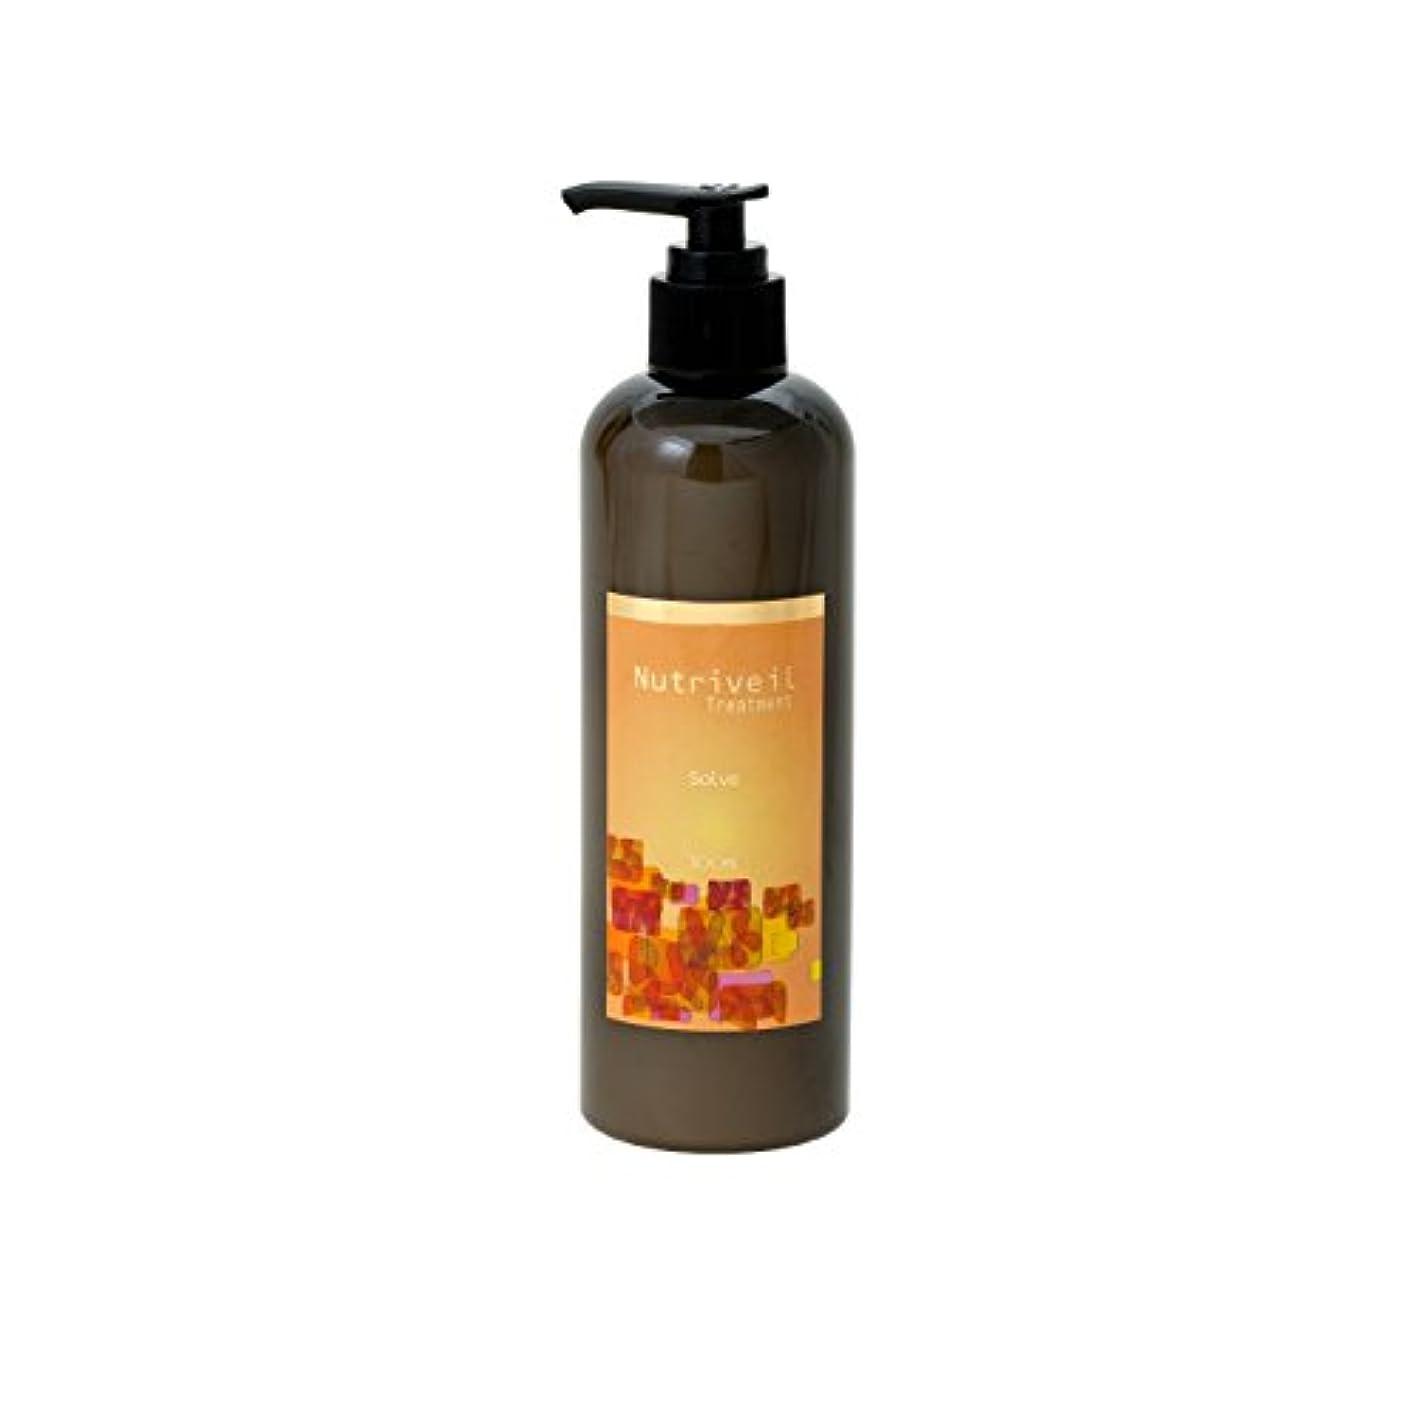 窓を洗う機会アッティカス縮毛矯正した髪?カラーの繰り返しで大きくダメージした髪用トリートメント「栄養そのもので洗うsolve」ソルブトリートメント ニュートリヴェール (300ml)